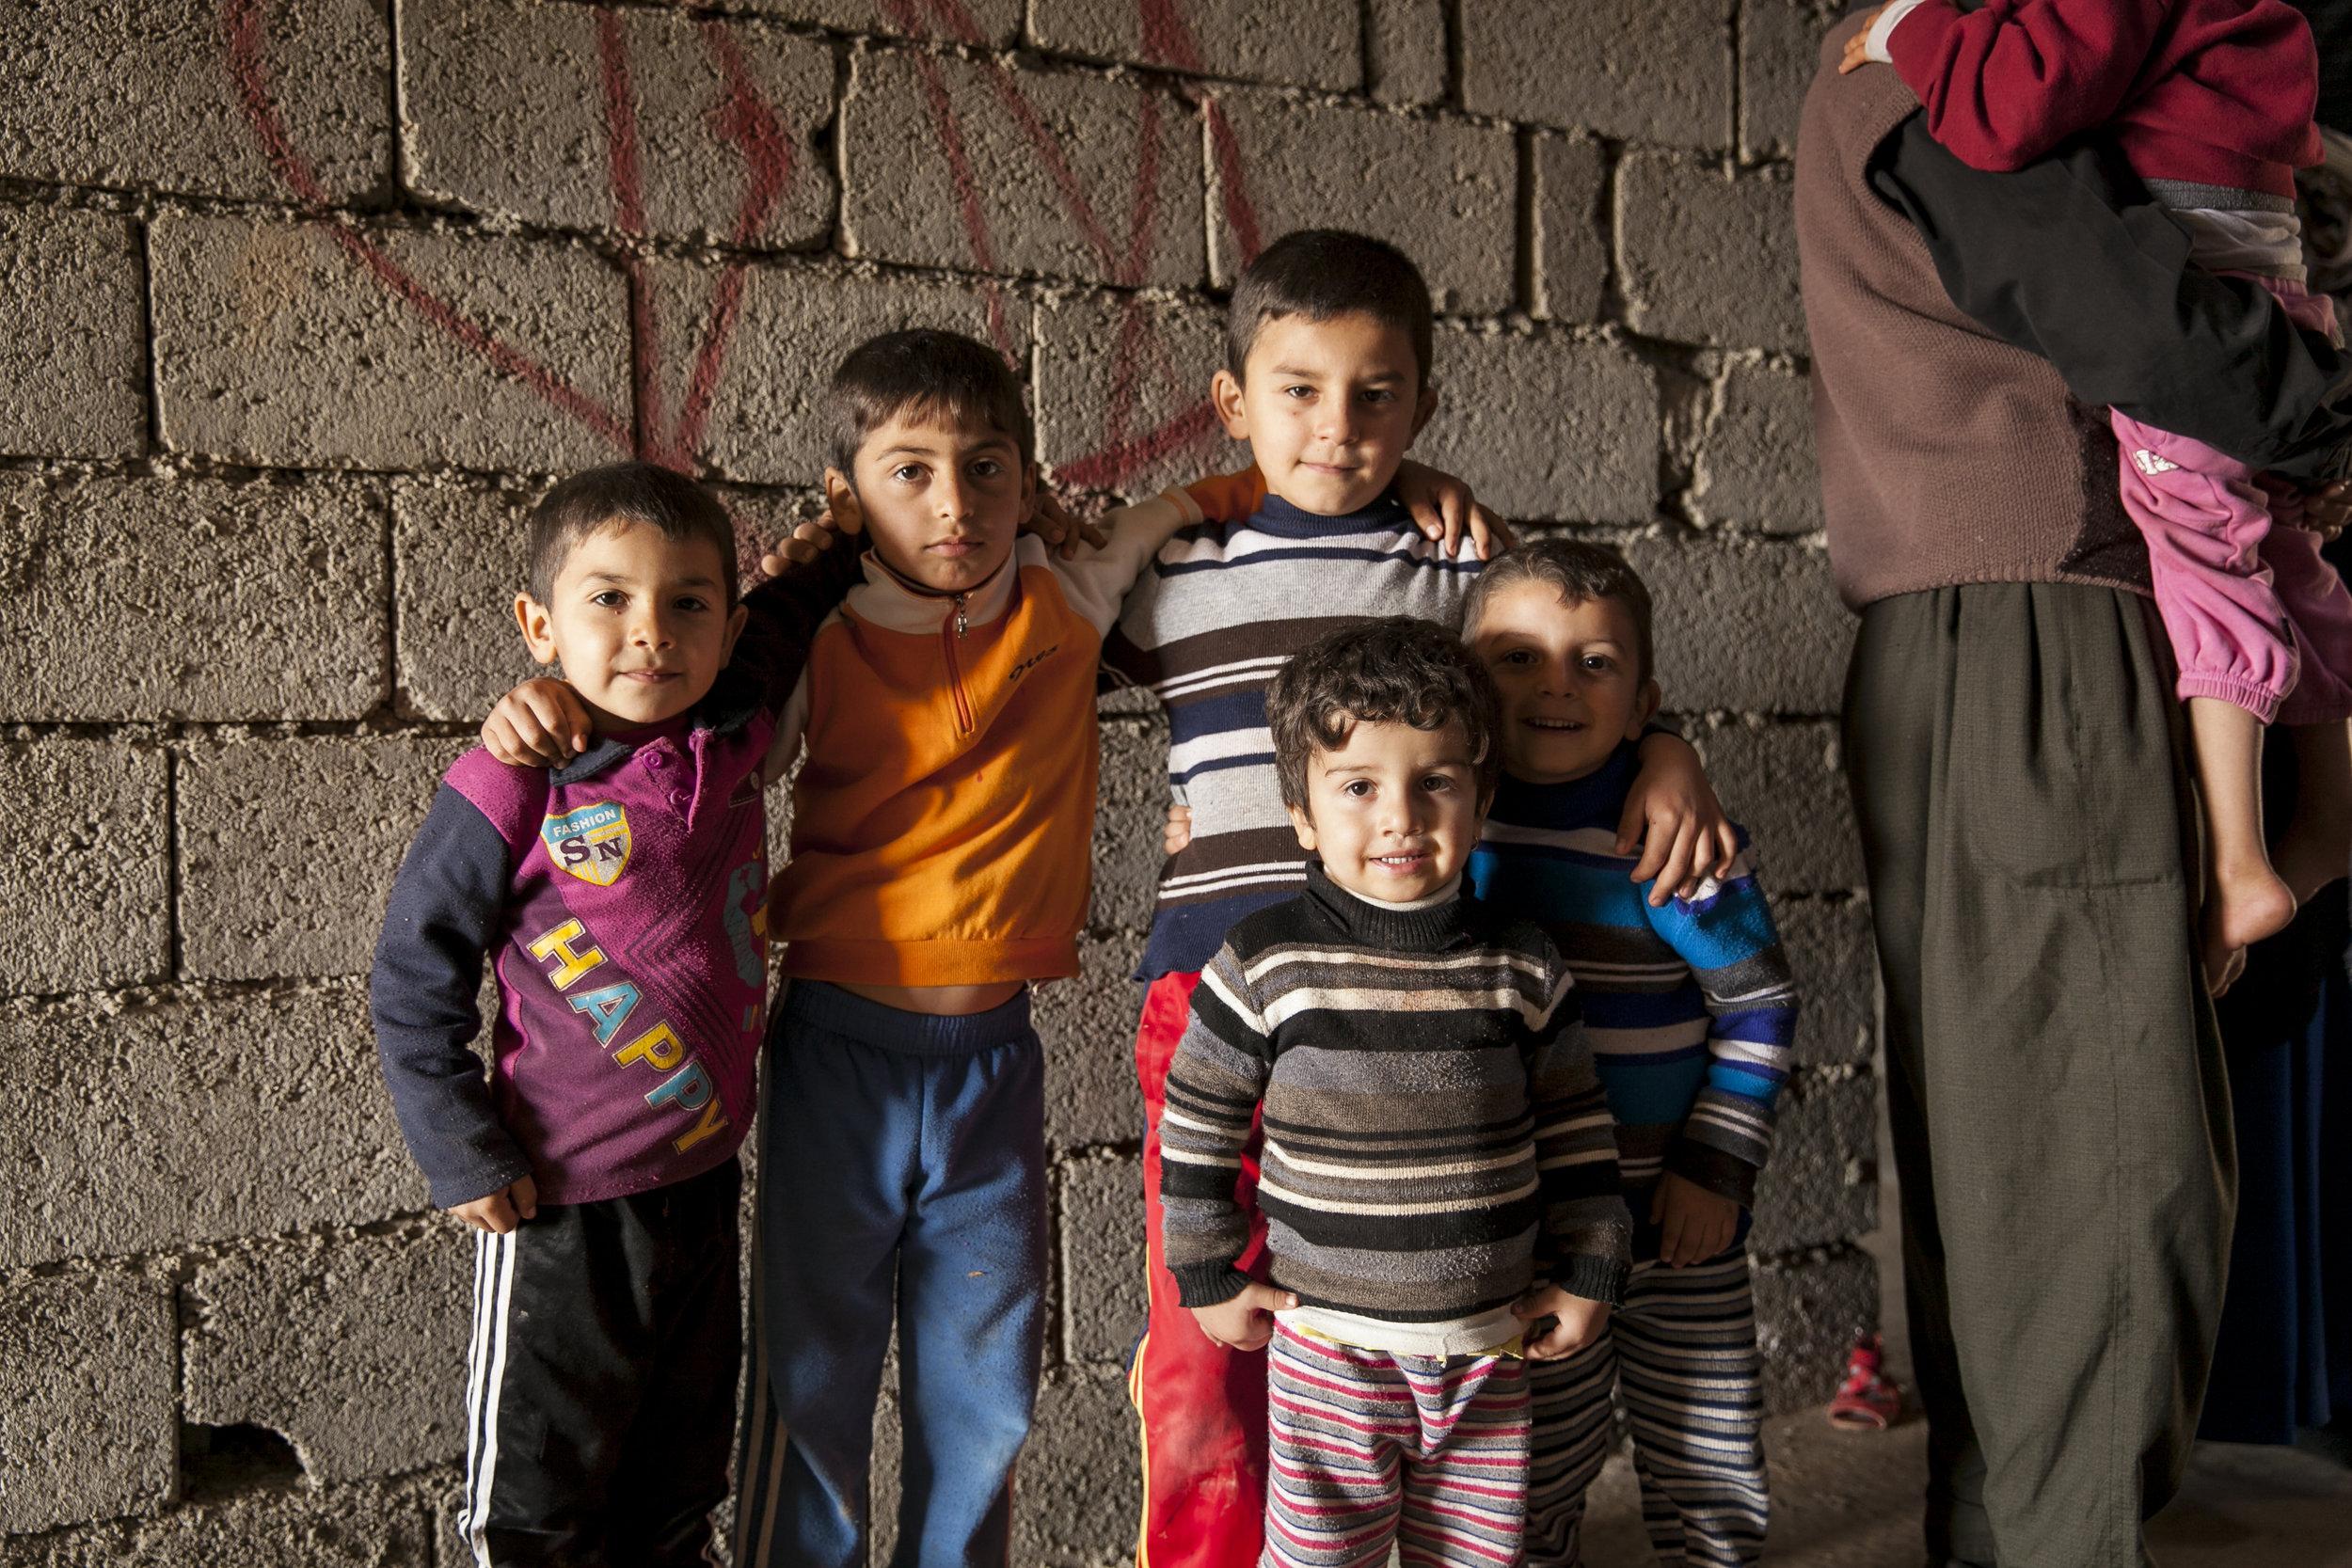 20141205_Refugee_GH_0260.jpg